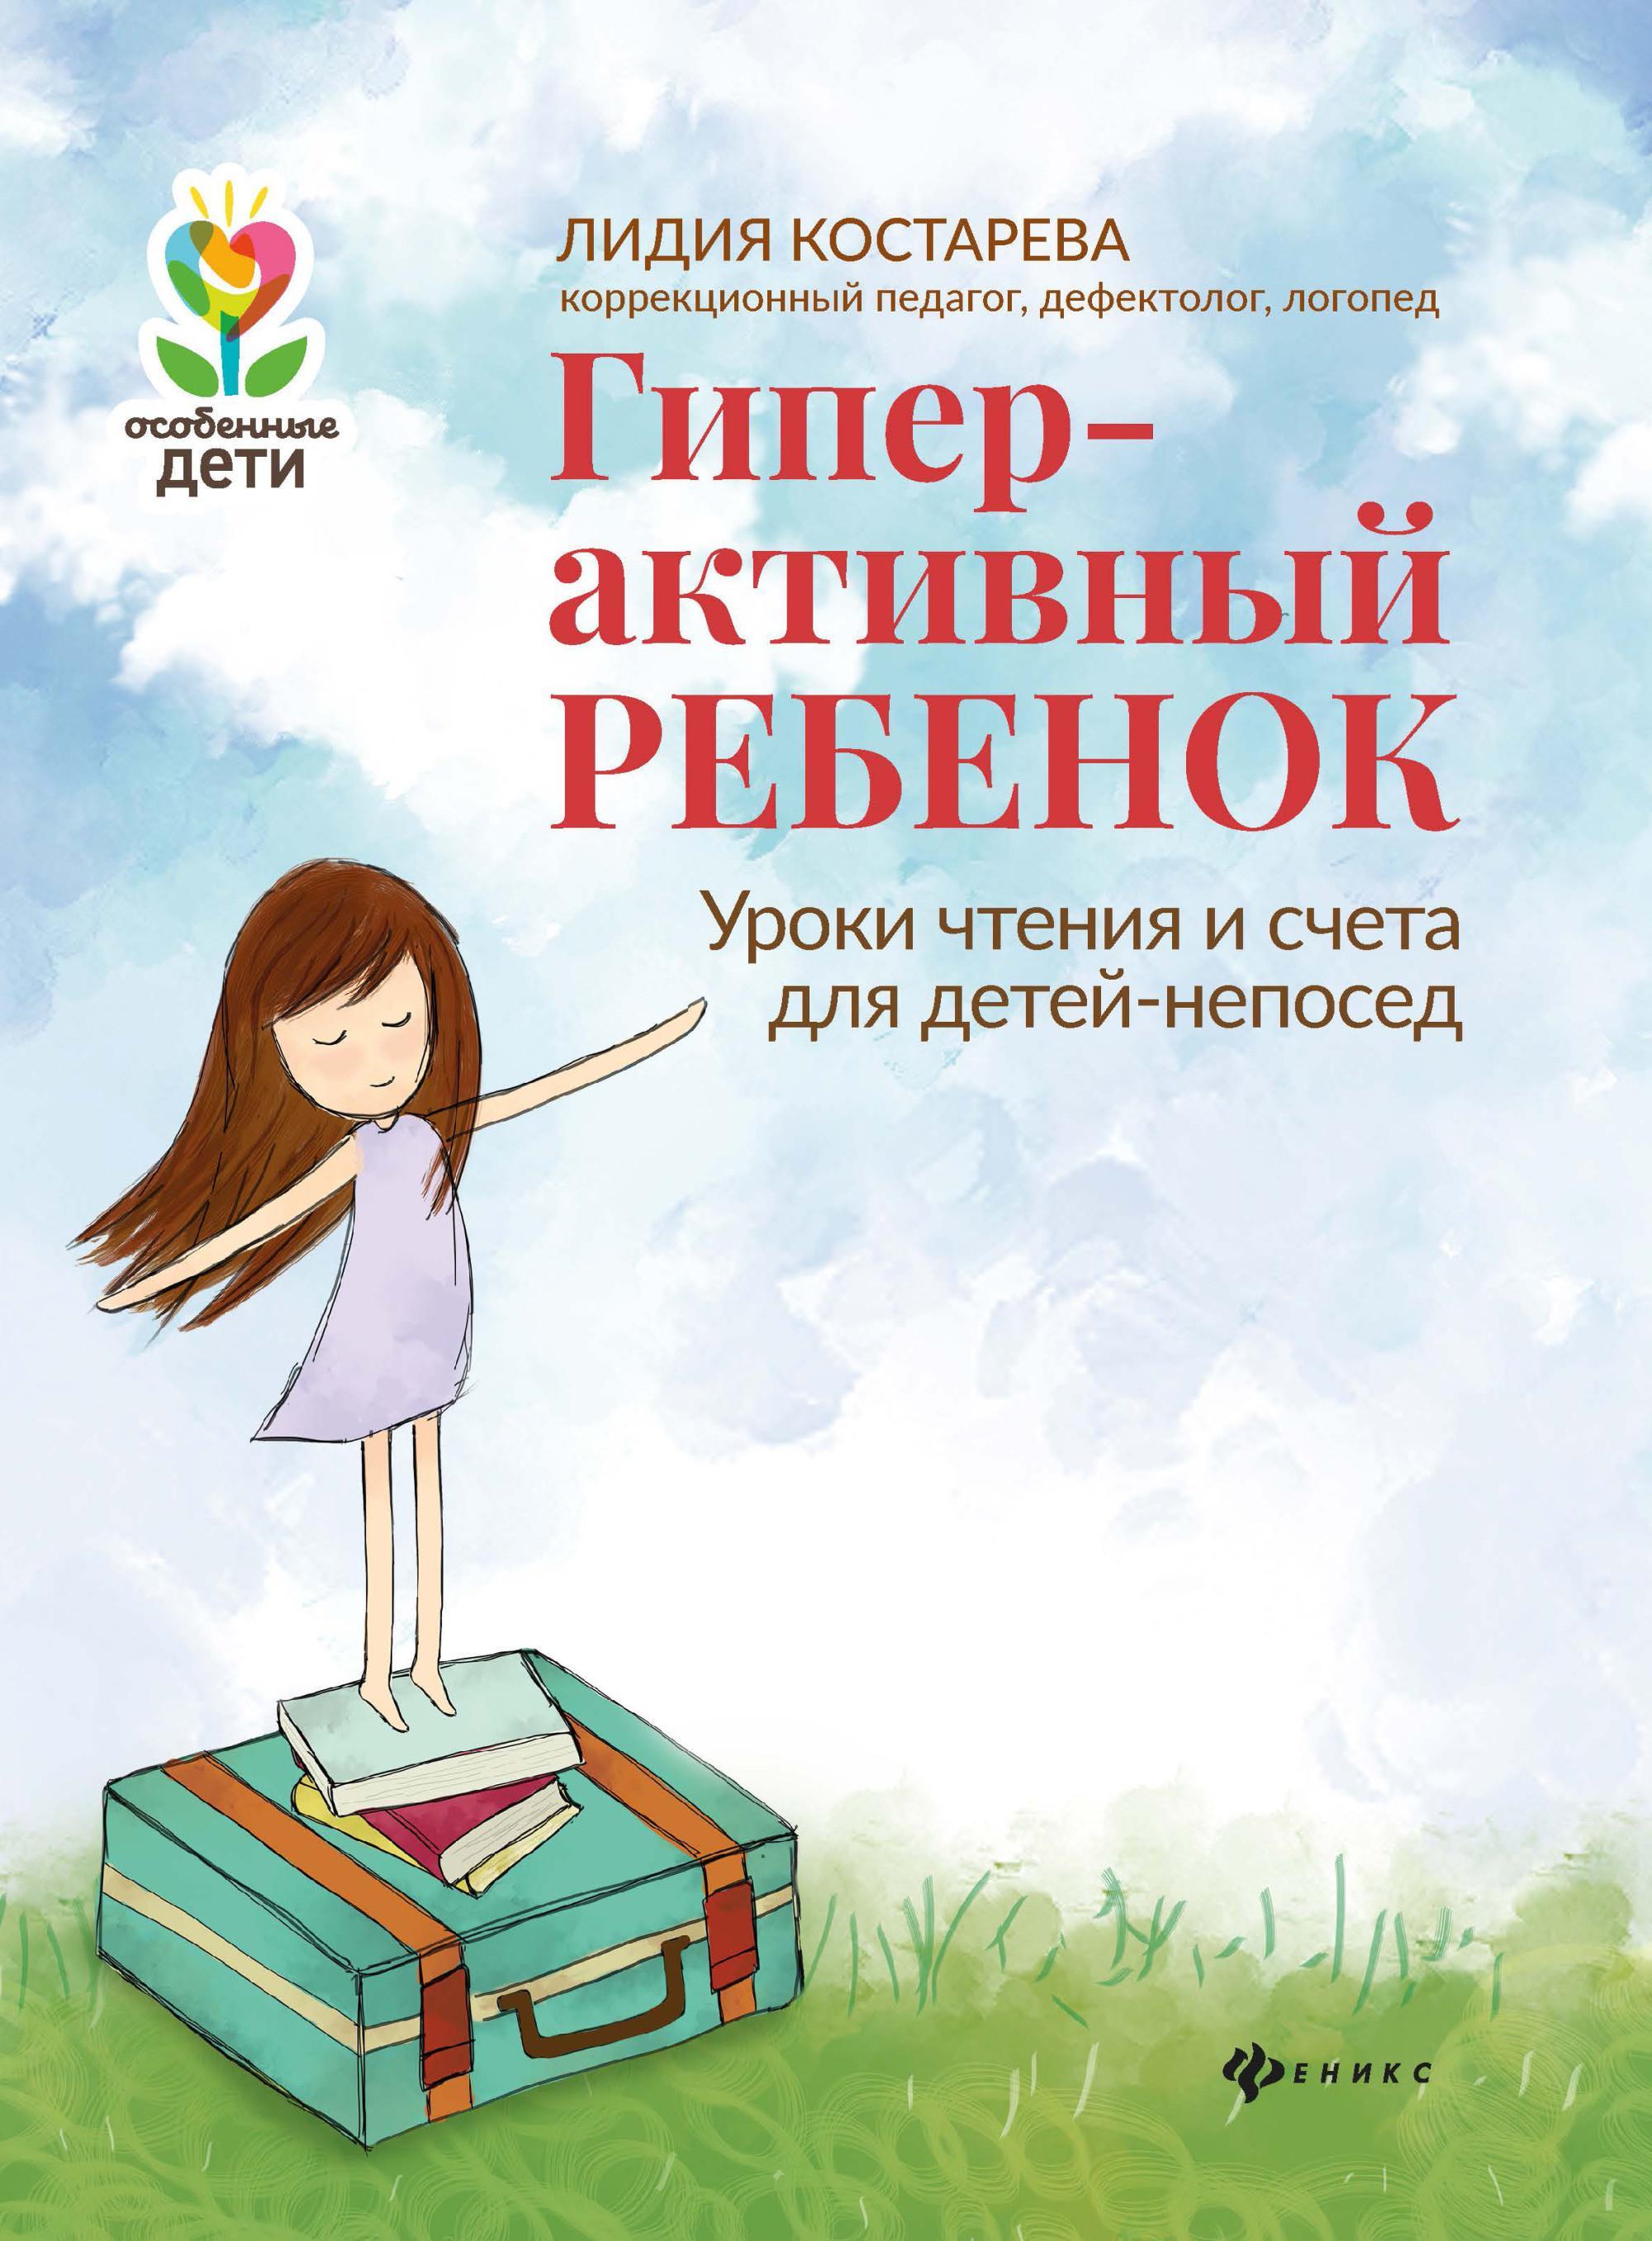 Гиперактивный ребенок. Уроки чтения и счета для детей-непосед